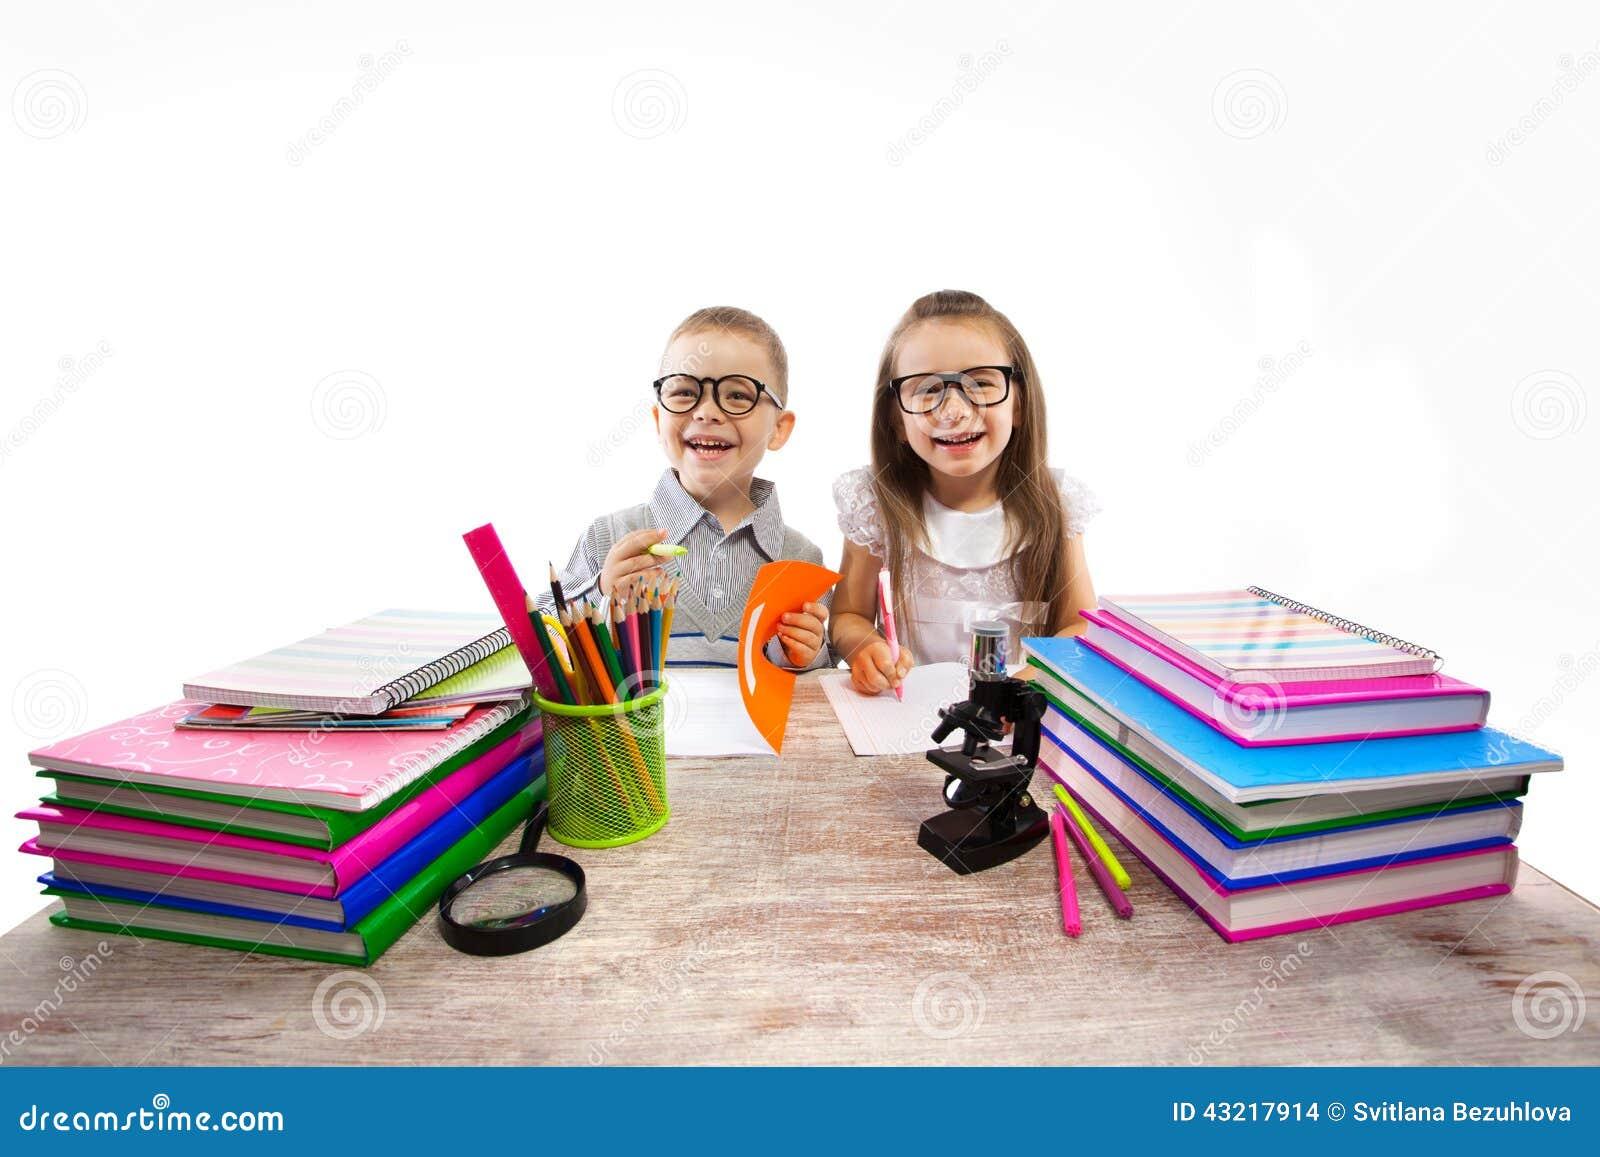 kids at 2 - photo #13